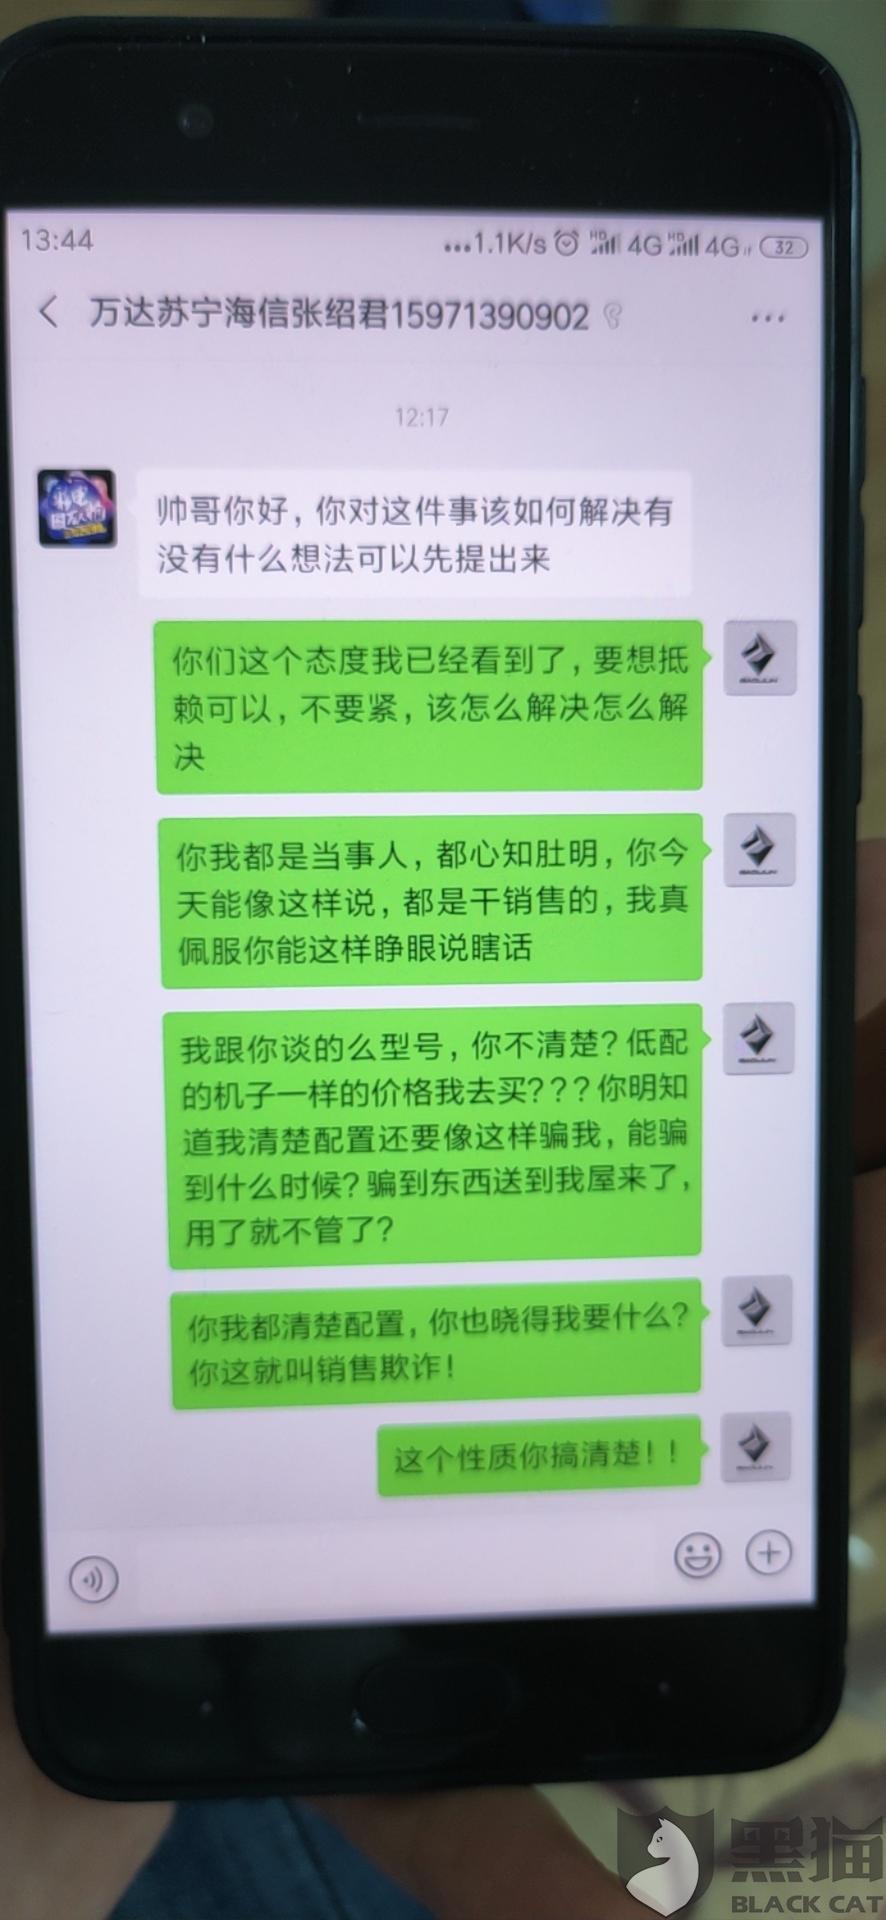 黑猫投诉:黄冈万达苏宁海信专卖店销售员私自换机型,高价买到低配机!!(